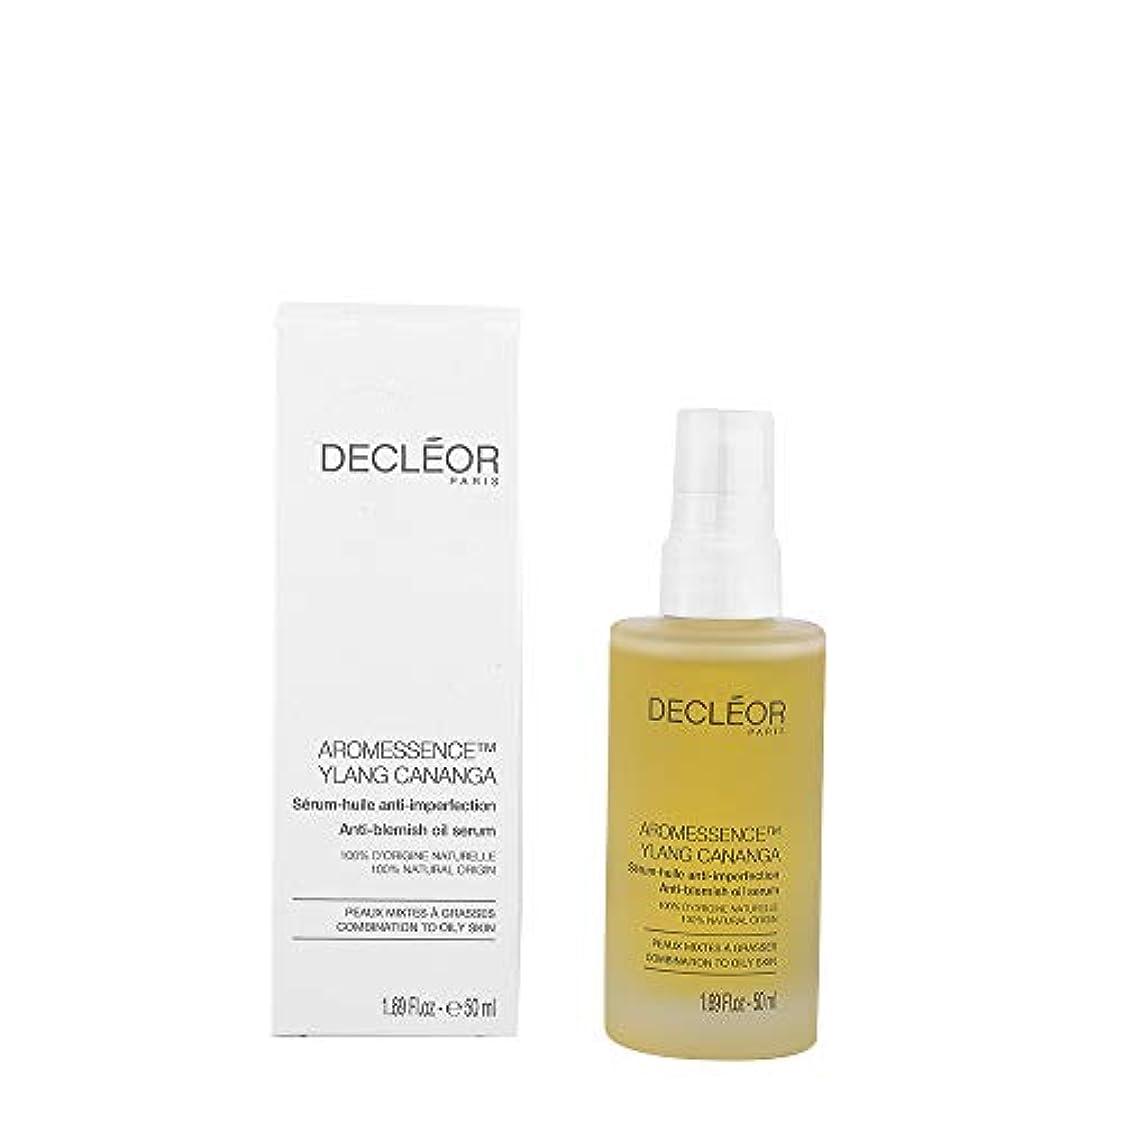 白鳥アレンジ仮称デクレオール Aromessence Ylang Cananga Anti-Blemish Oil Serum - For Combination to Oily Skin (Salon Size) 50ml/1.69oz...